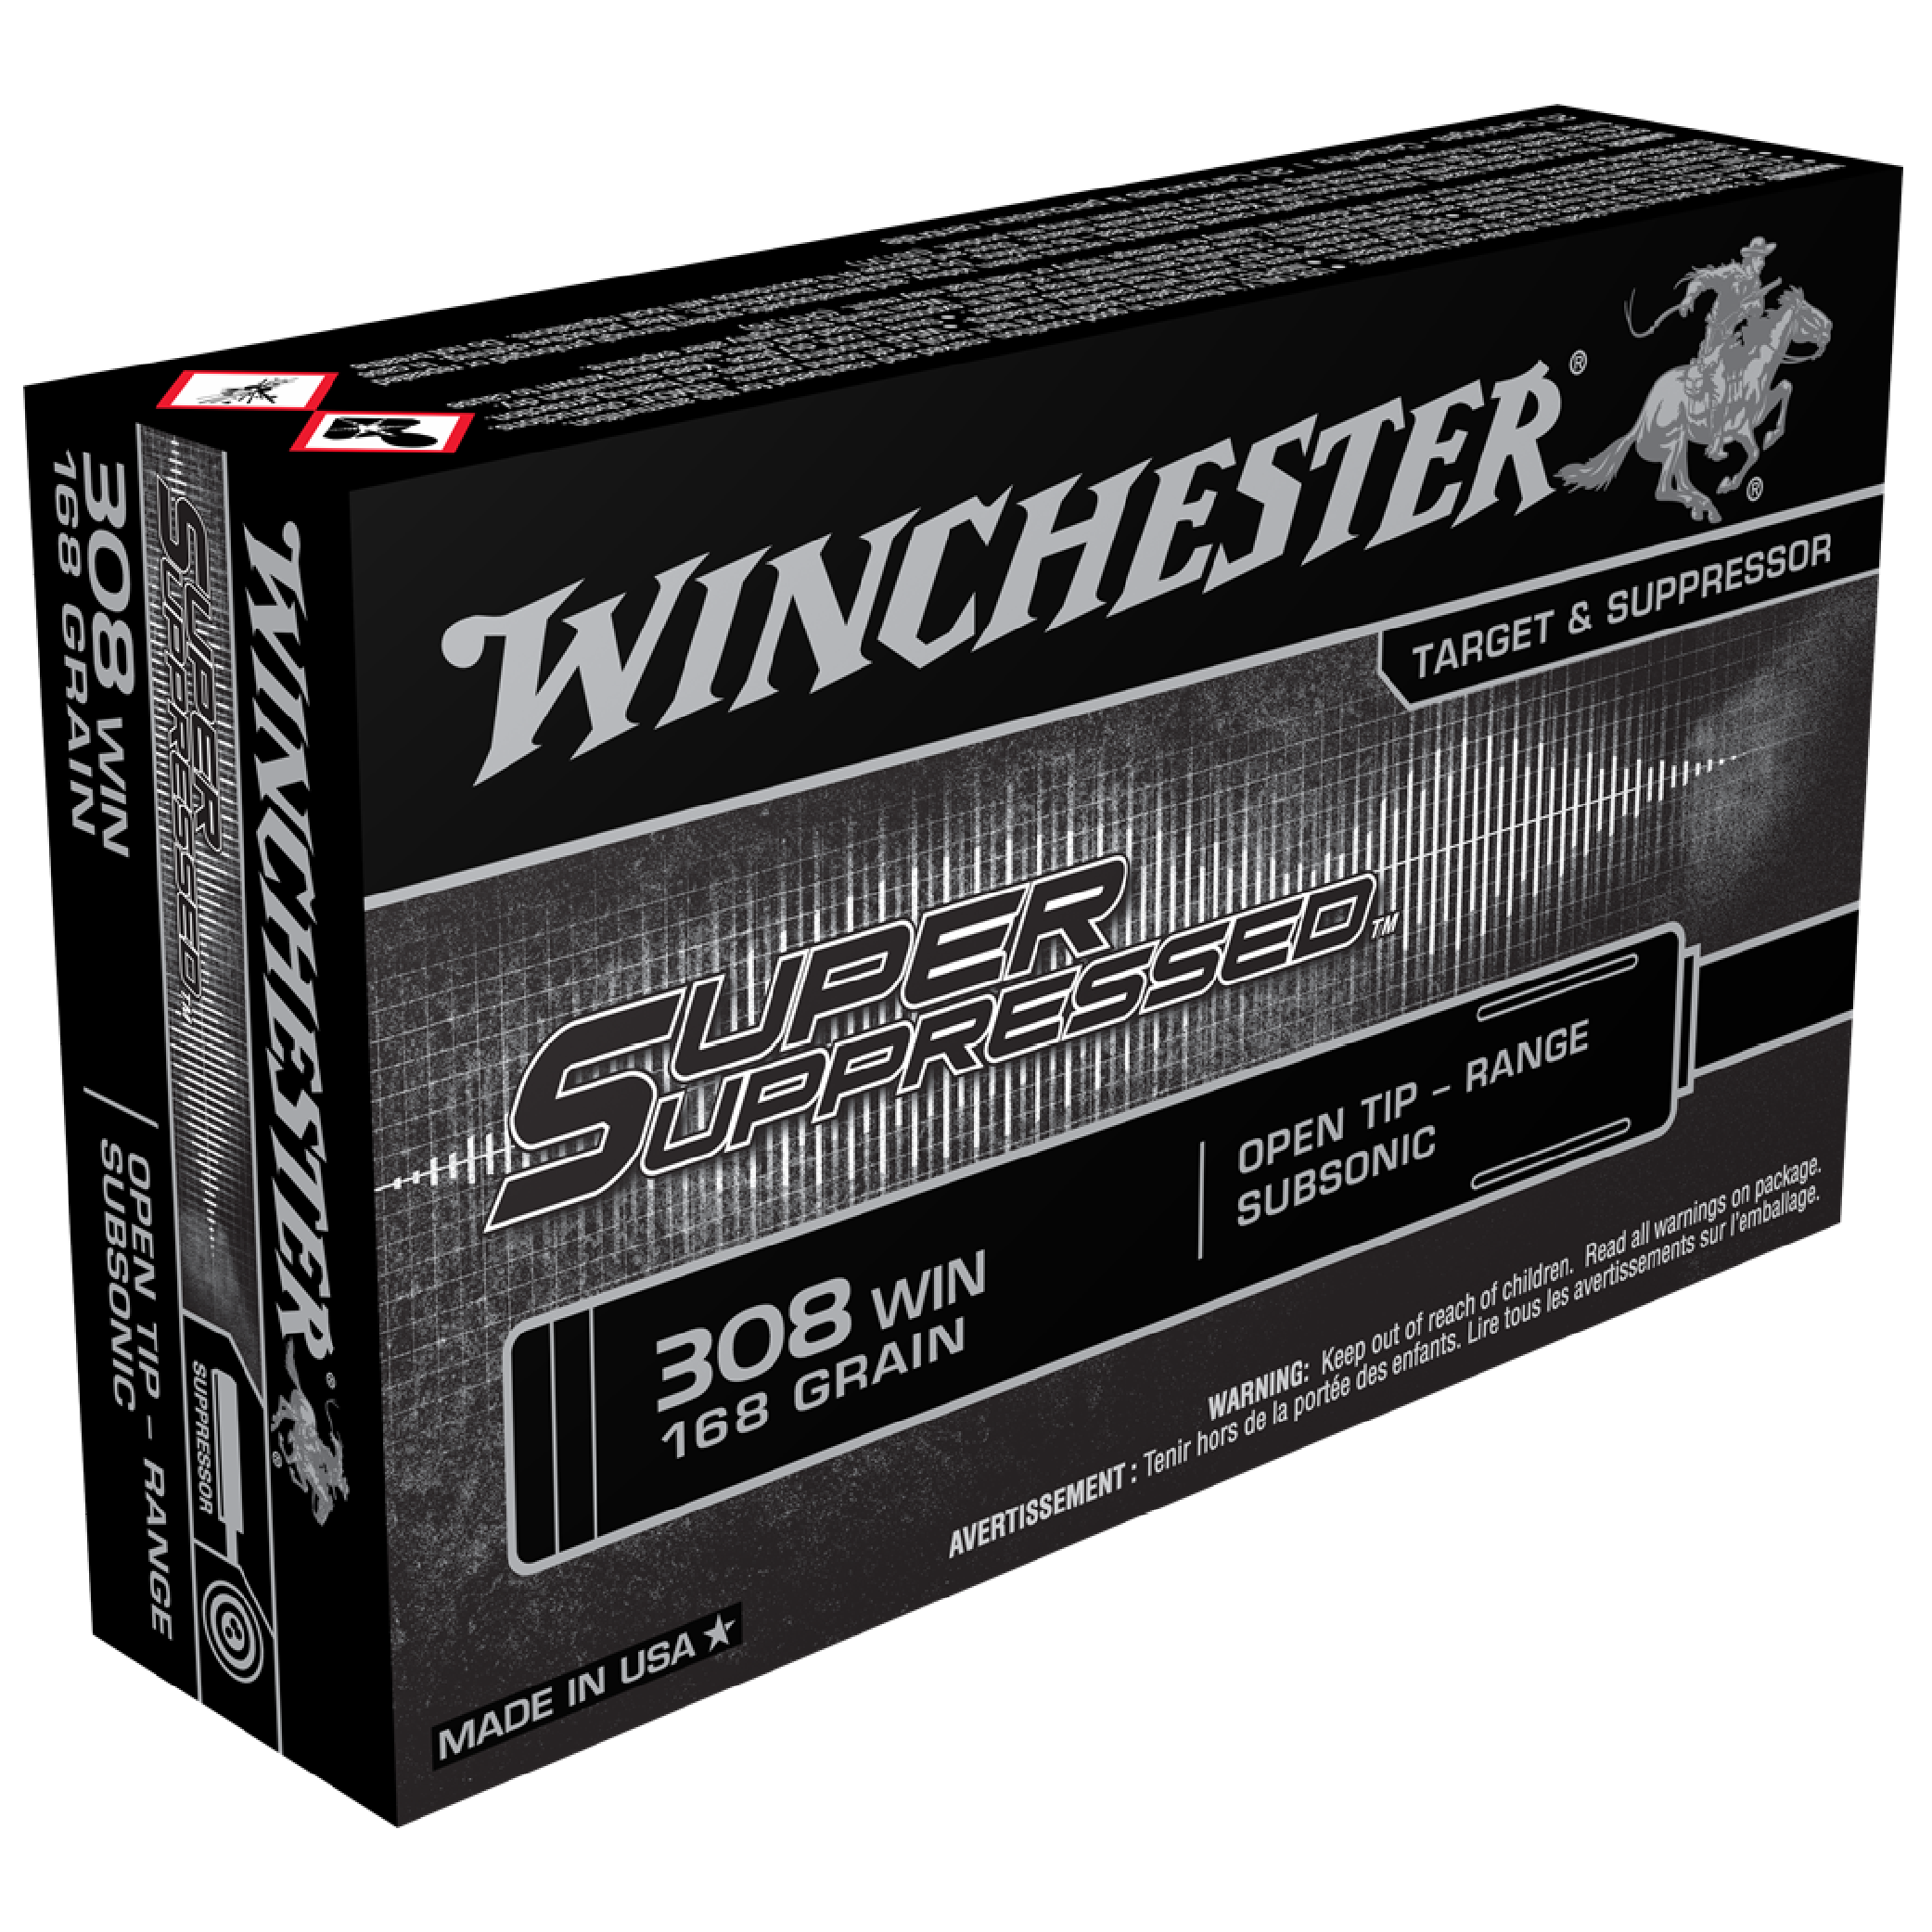 Winchester Super Suppressed 308Win 168gr